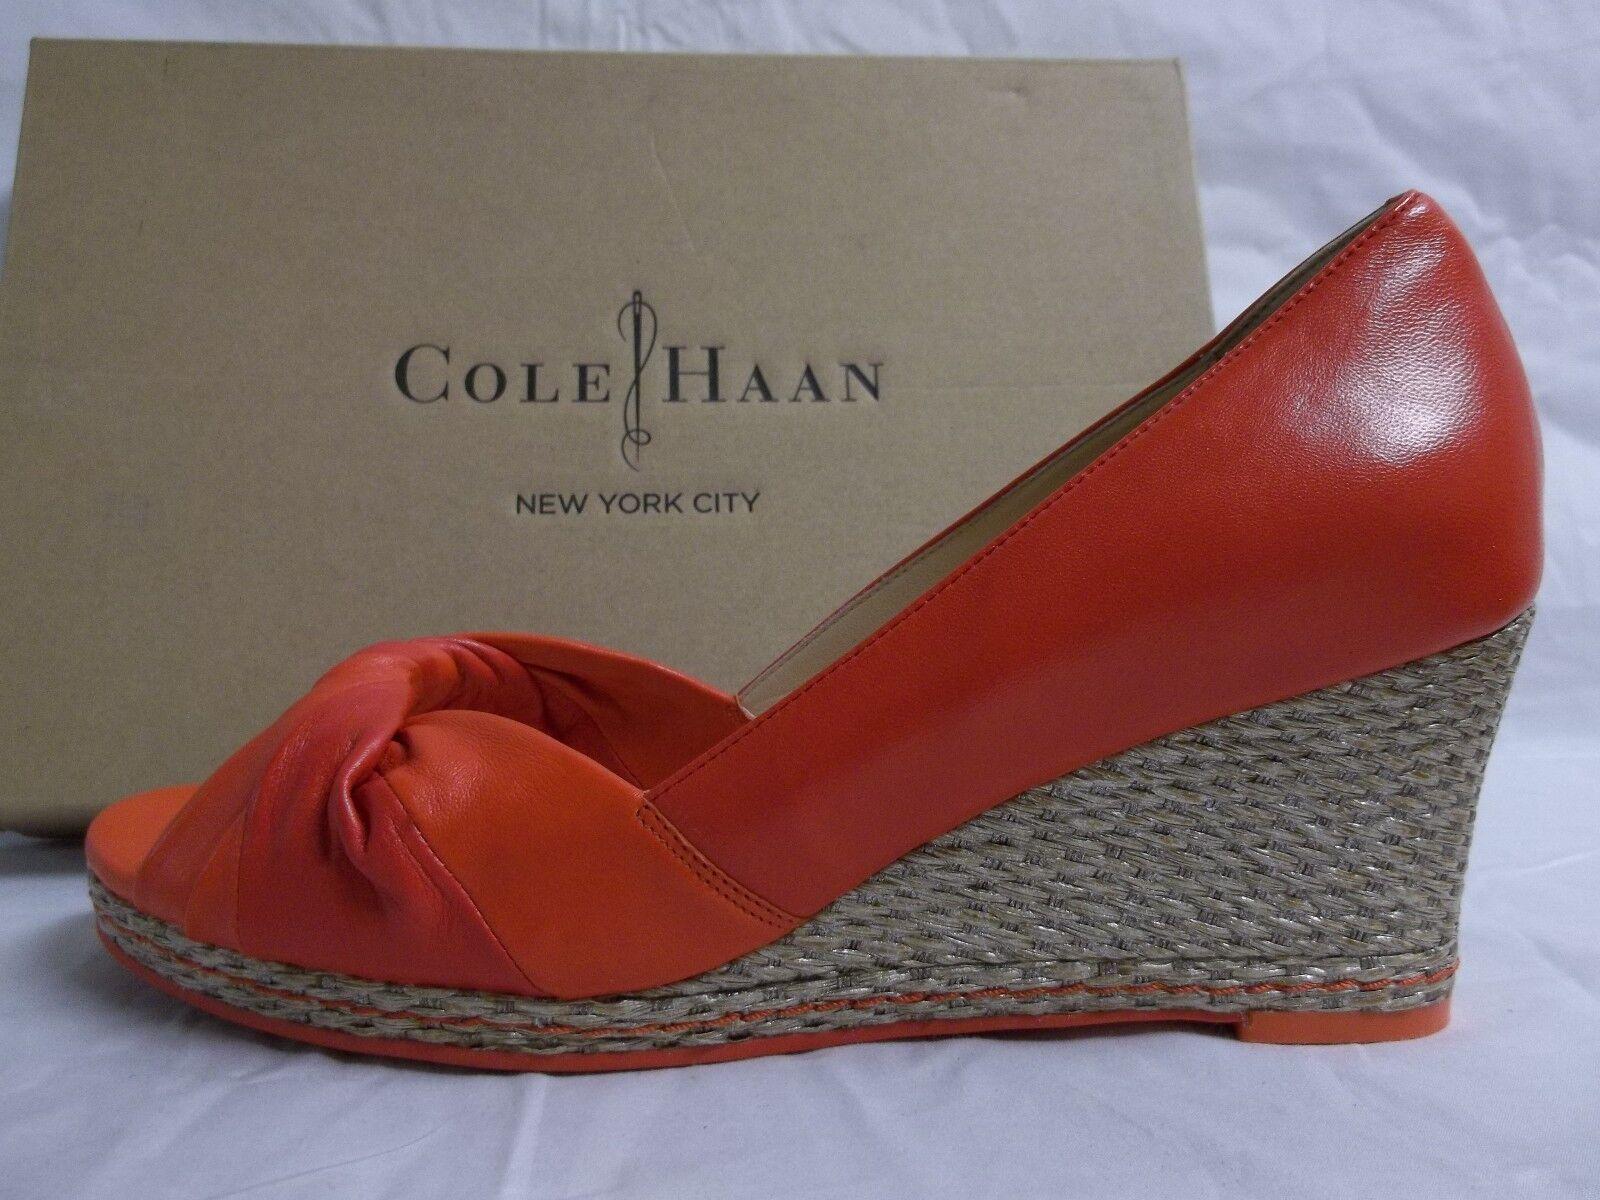 distribuzione globale Cole Haan Dimensione 10 M Ava Ava Ava Cherry Leather Open Toe Wedges New donna scarpe  risparmia il 35% - 70% di sconto